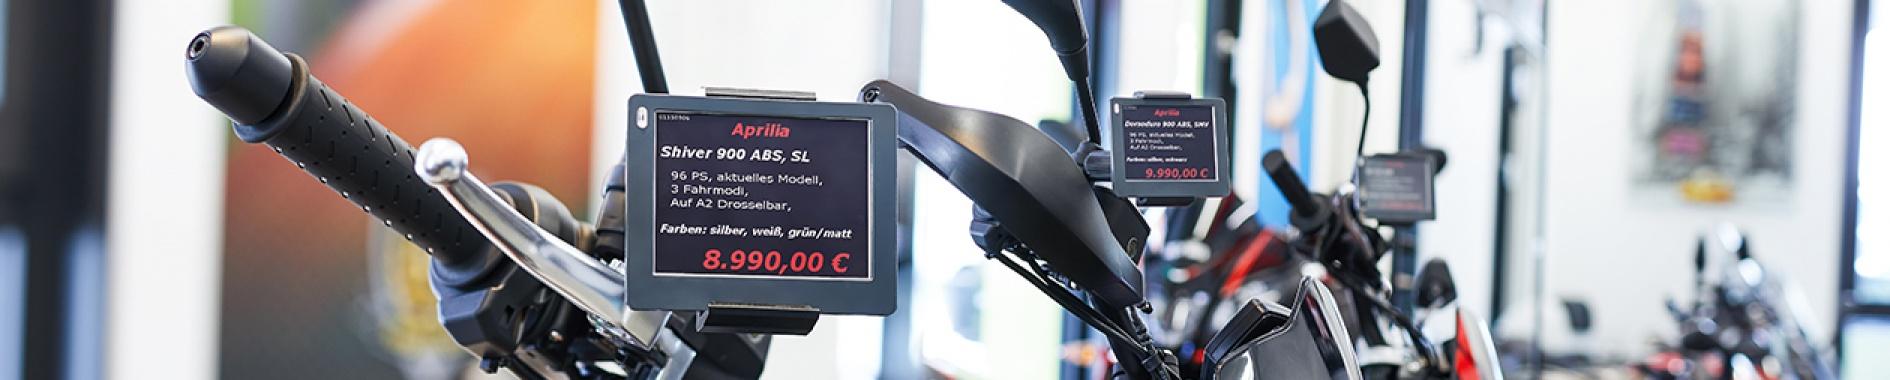 Digitale Preisschilder bei Wimmer und Merkel